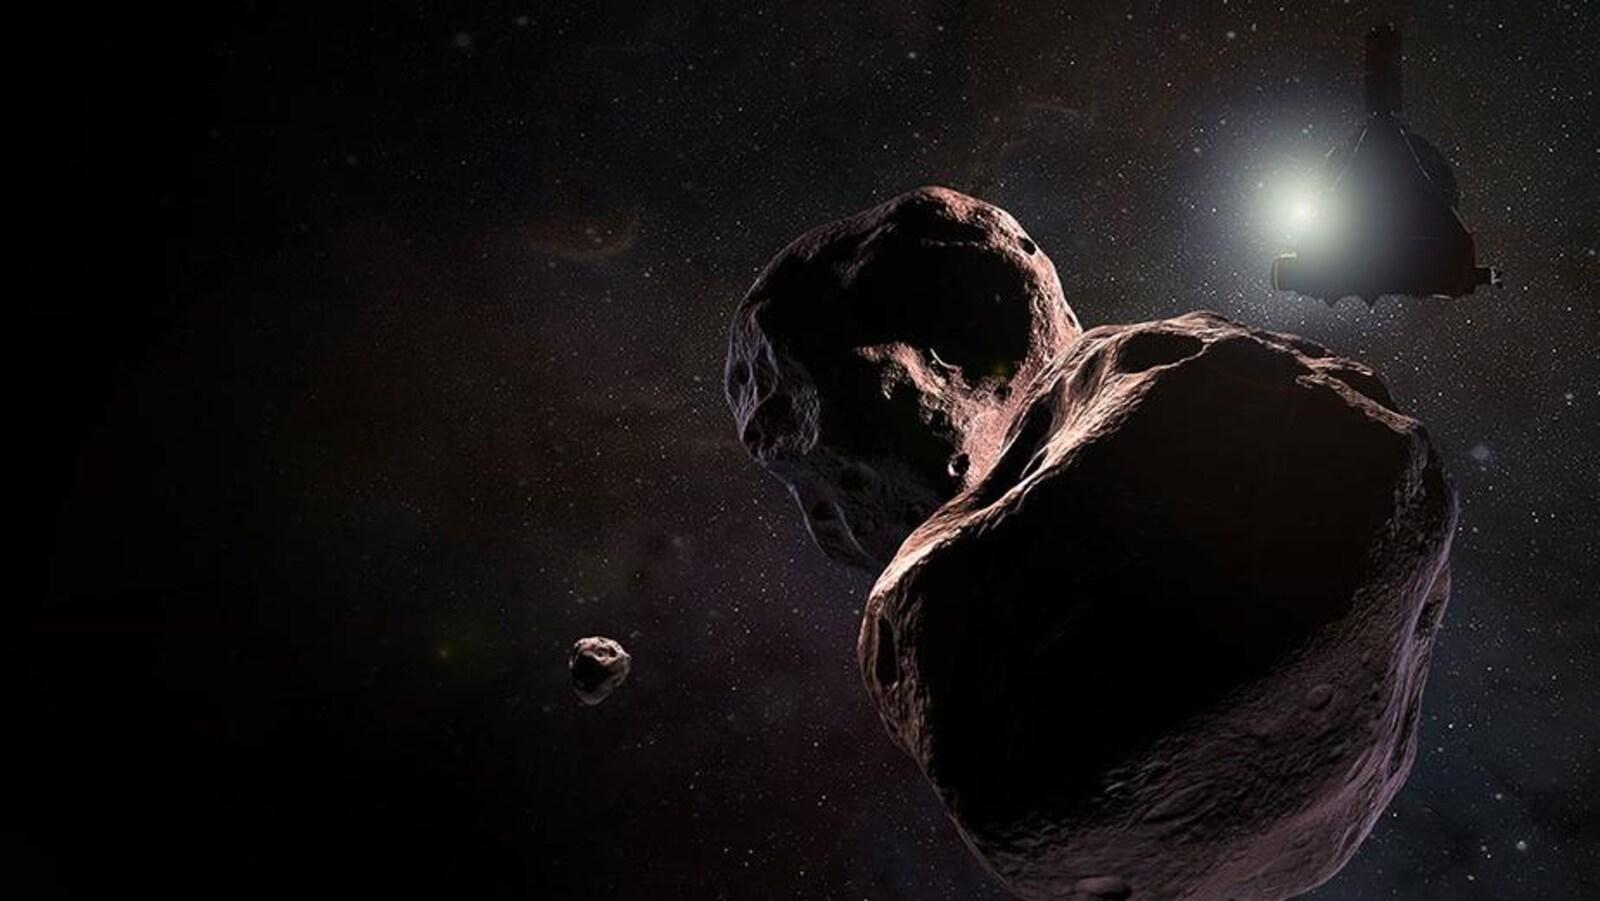 Impression artistique de l'astéroïde 2014 MU69 et de la sonde New horizons.